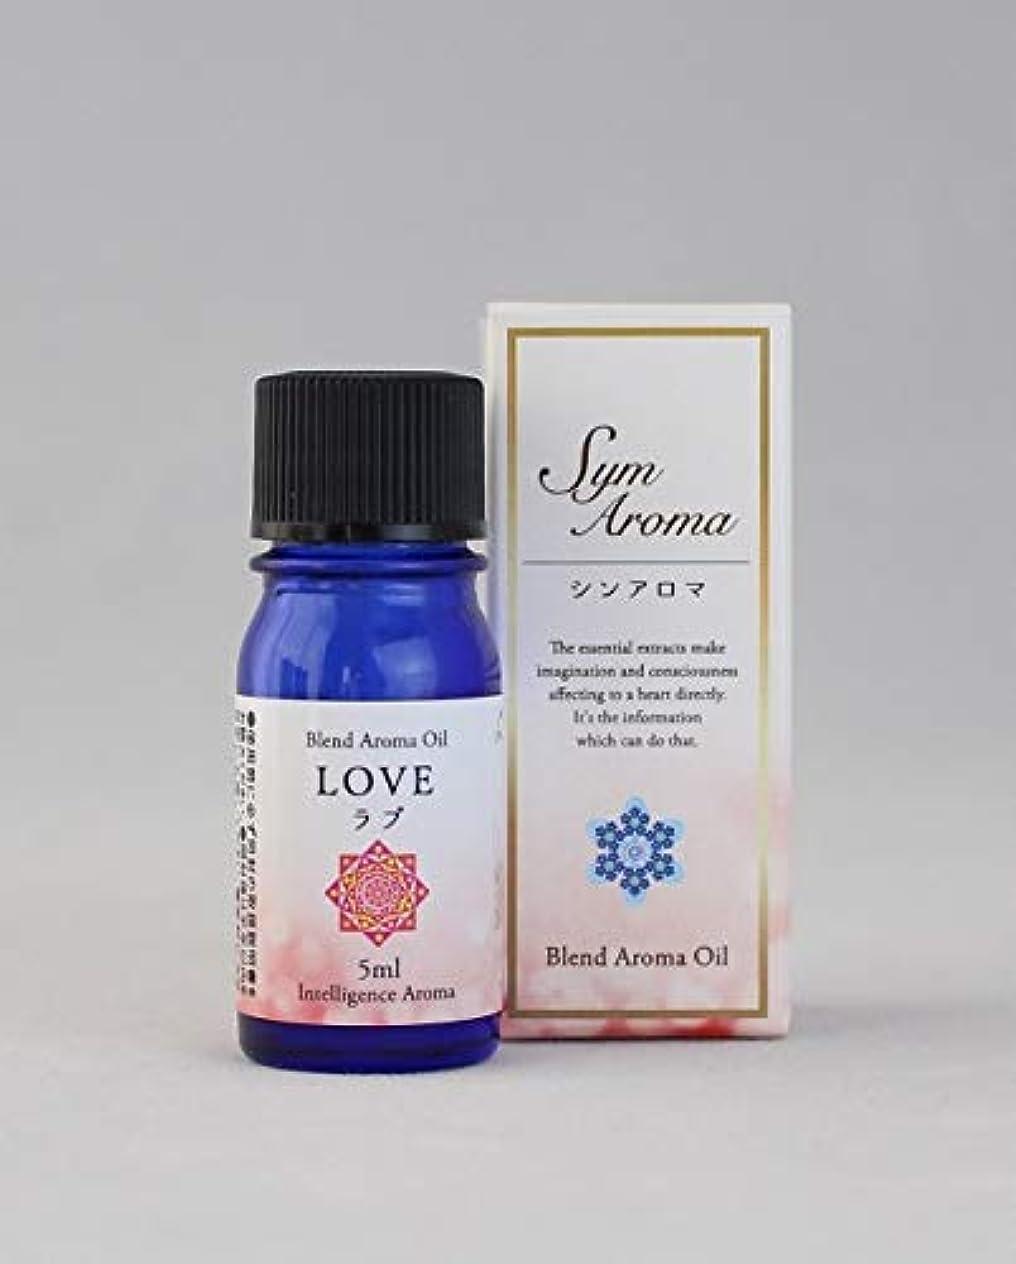 平和的影響する中毒シンアロマ LOVE(ラブ)5ml ブレンドアロマオイル